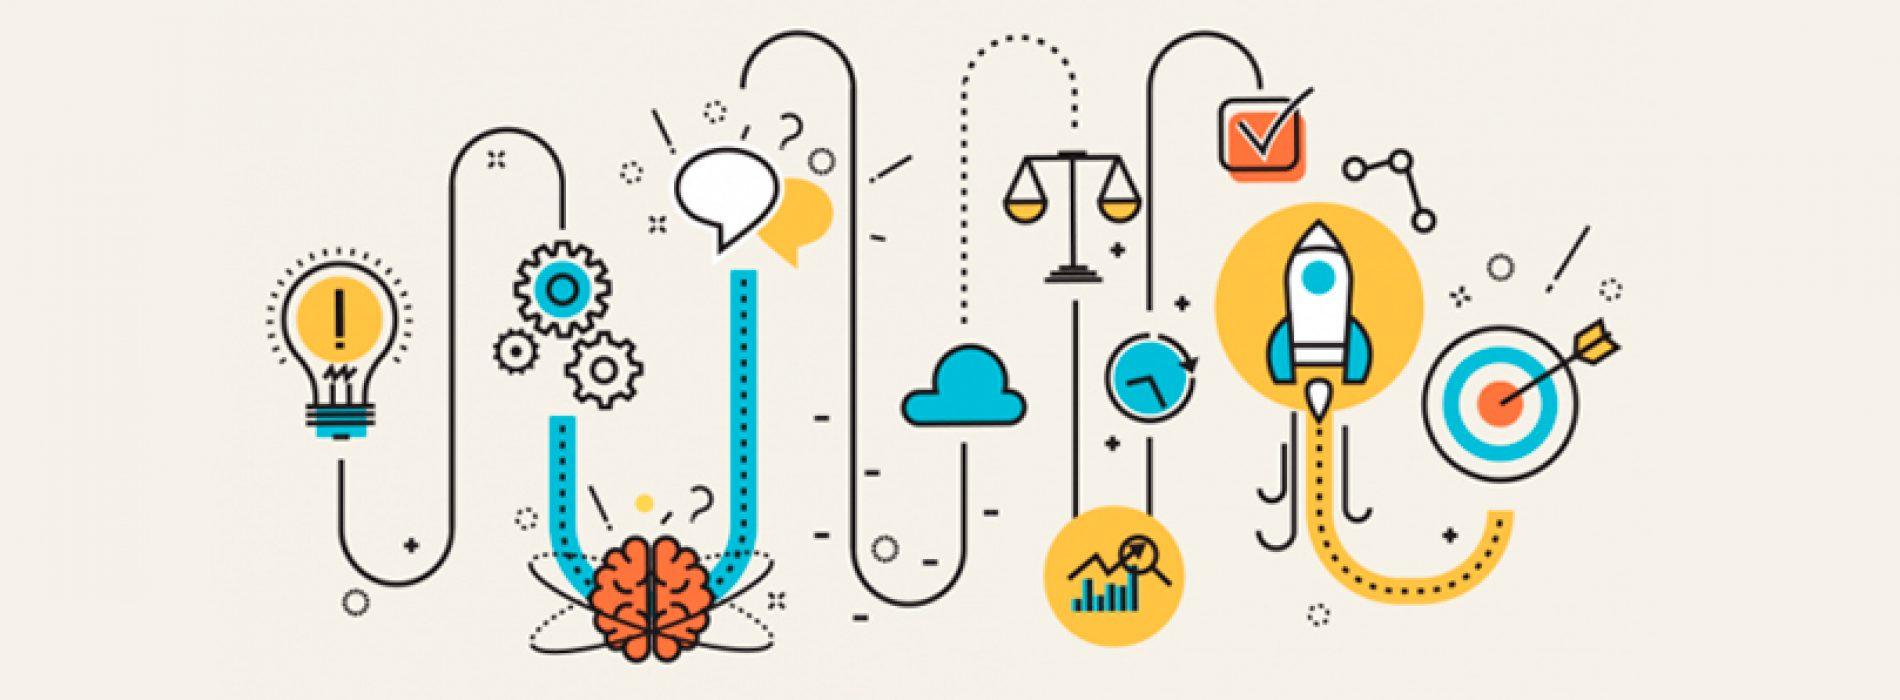 Seminario ciencias, conocimiento e innovación: ¿cómo comprender y evaluar su impacto?